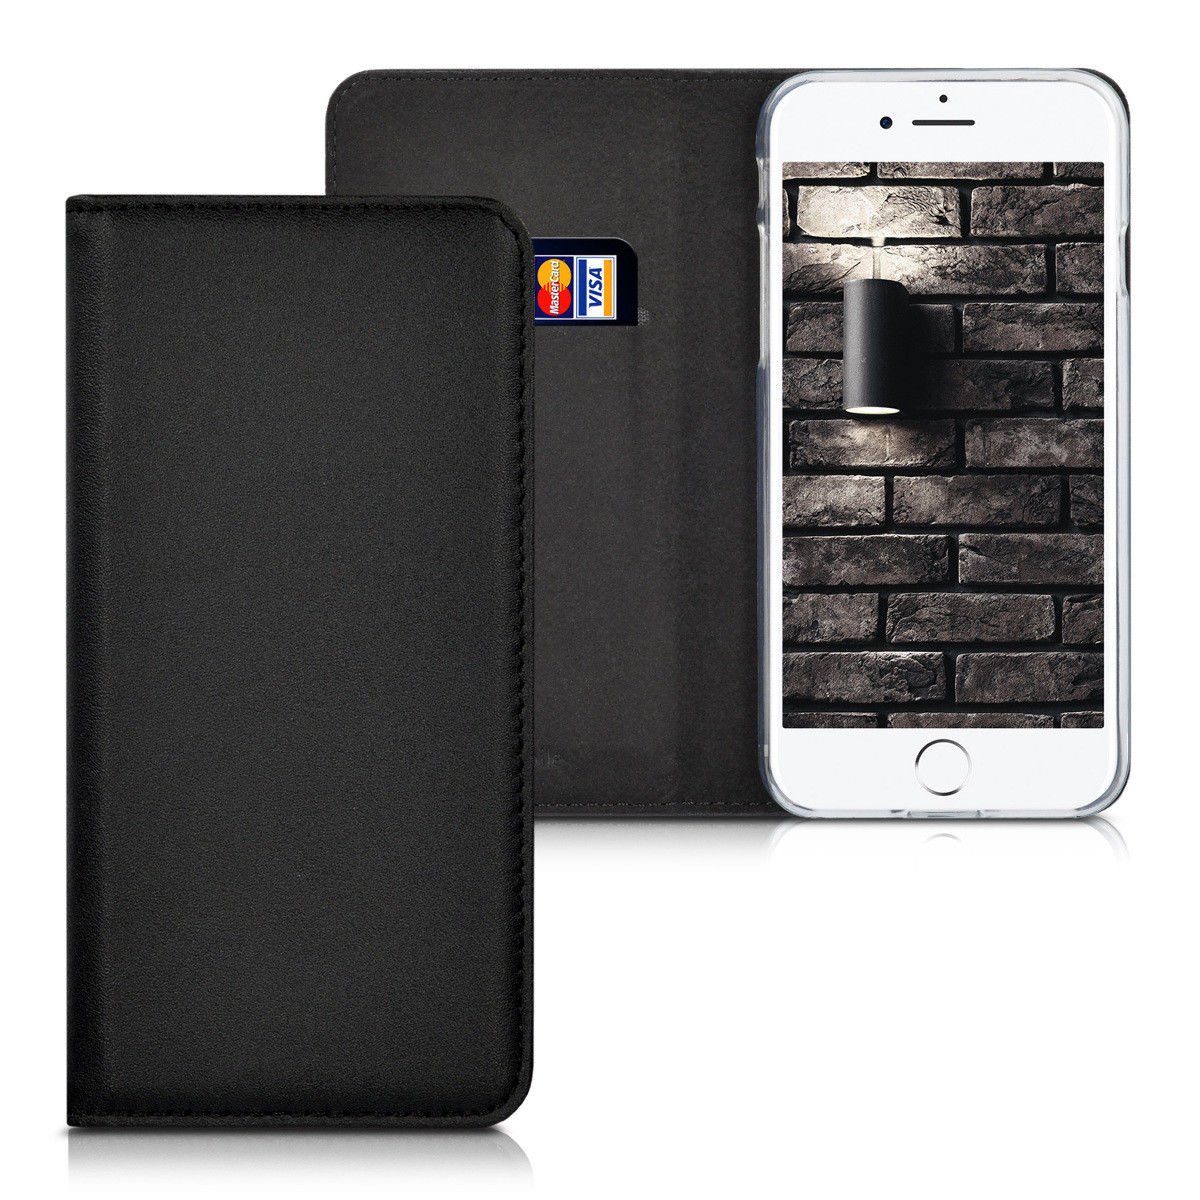 Pouzdro FLIP pro Apple iPhone 7 černé